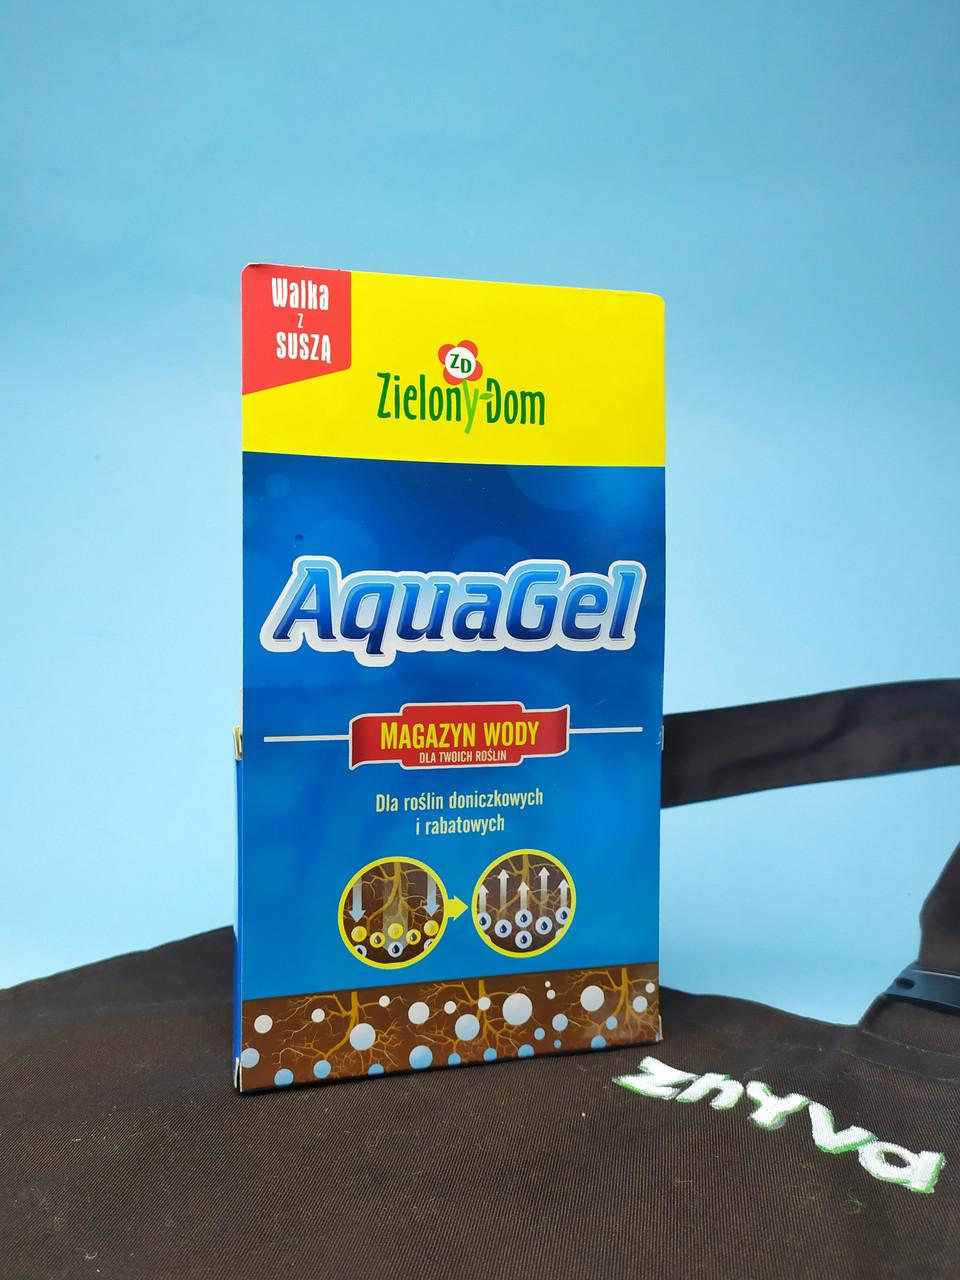 Гідрогель для зберігання вологості AquaGel Zielony Dom 60гр